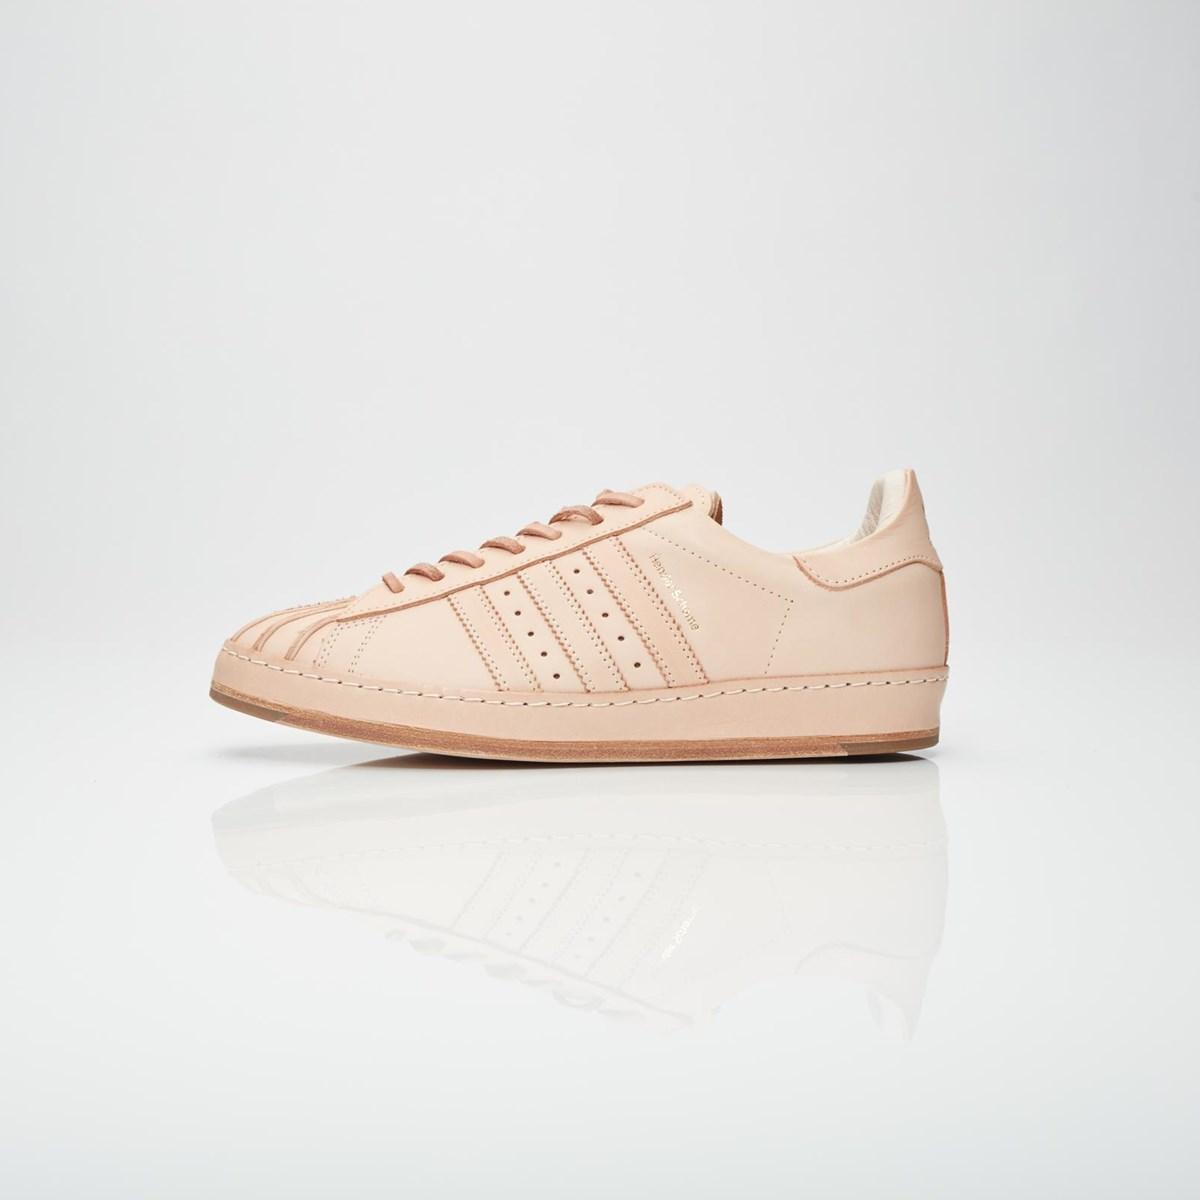 adidas Superstar Hender Scheme - Ci9812